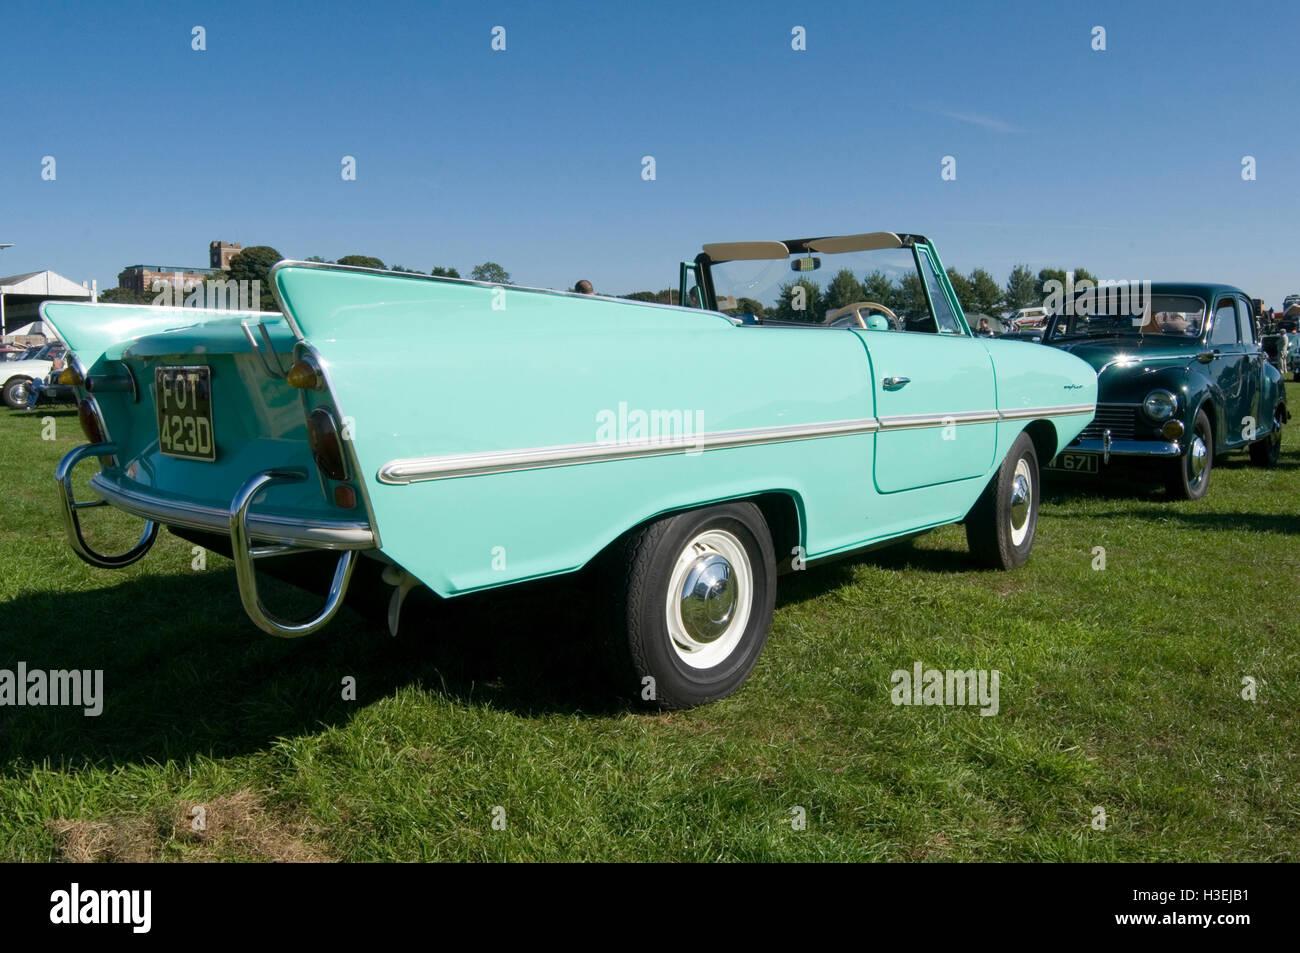 Amphicat for sale amphibious atv pictures - Stock Photo Amphicar Car Boat Amphibious Vehicle Vehicles